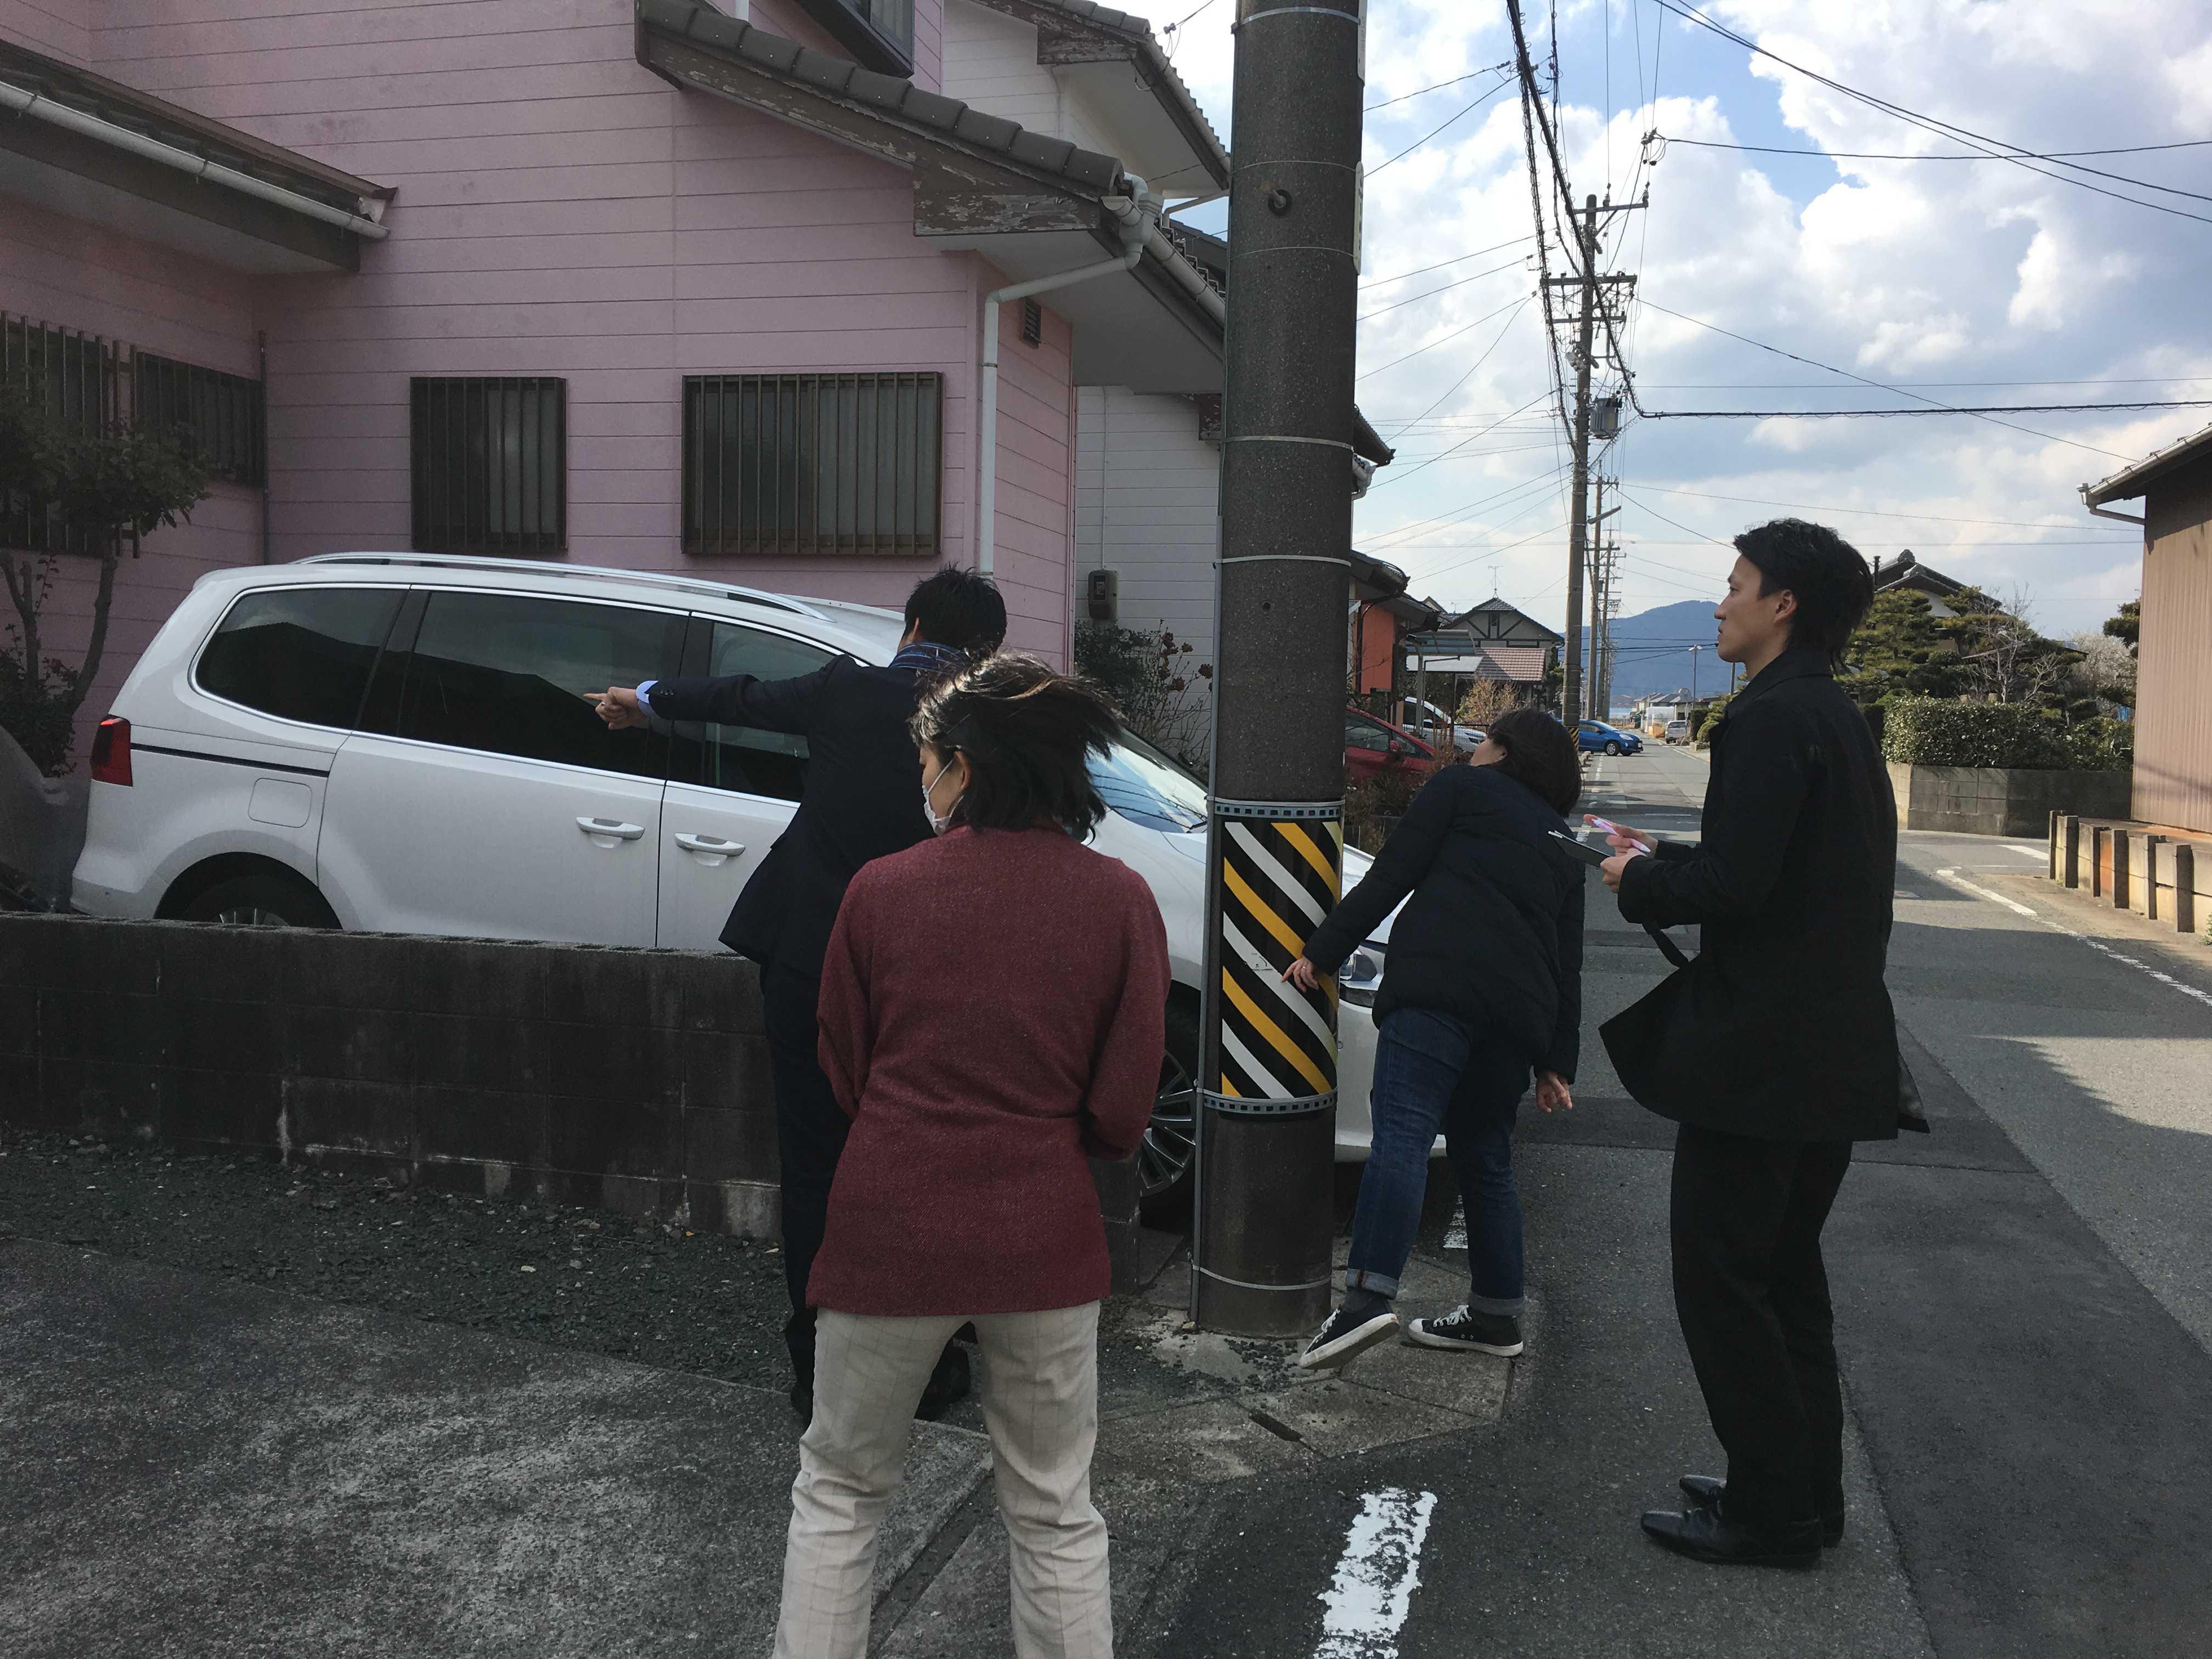 豊川市戸建リノベにてインスペクションを実施。そしてその様子を見守る施主の奥様と不動産業者さん。春なのに寒風吹き荒む日でした。